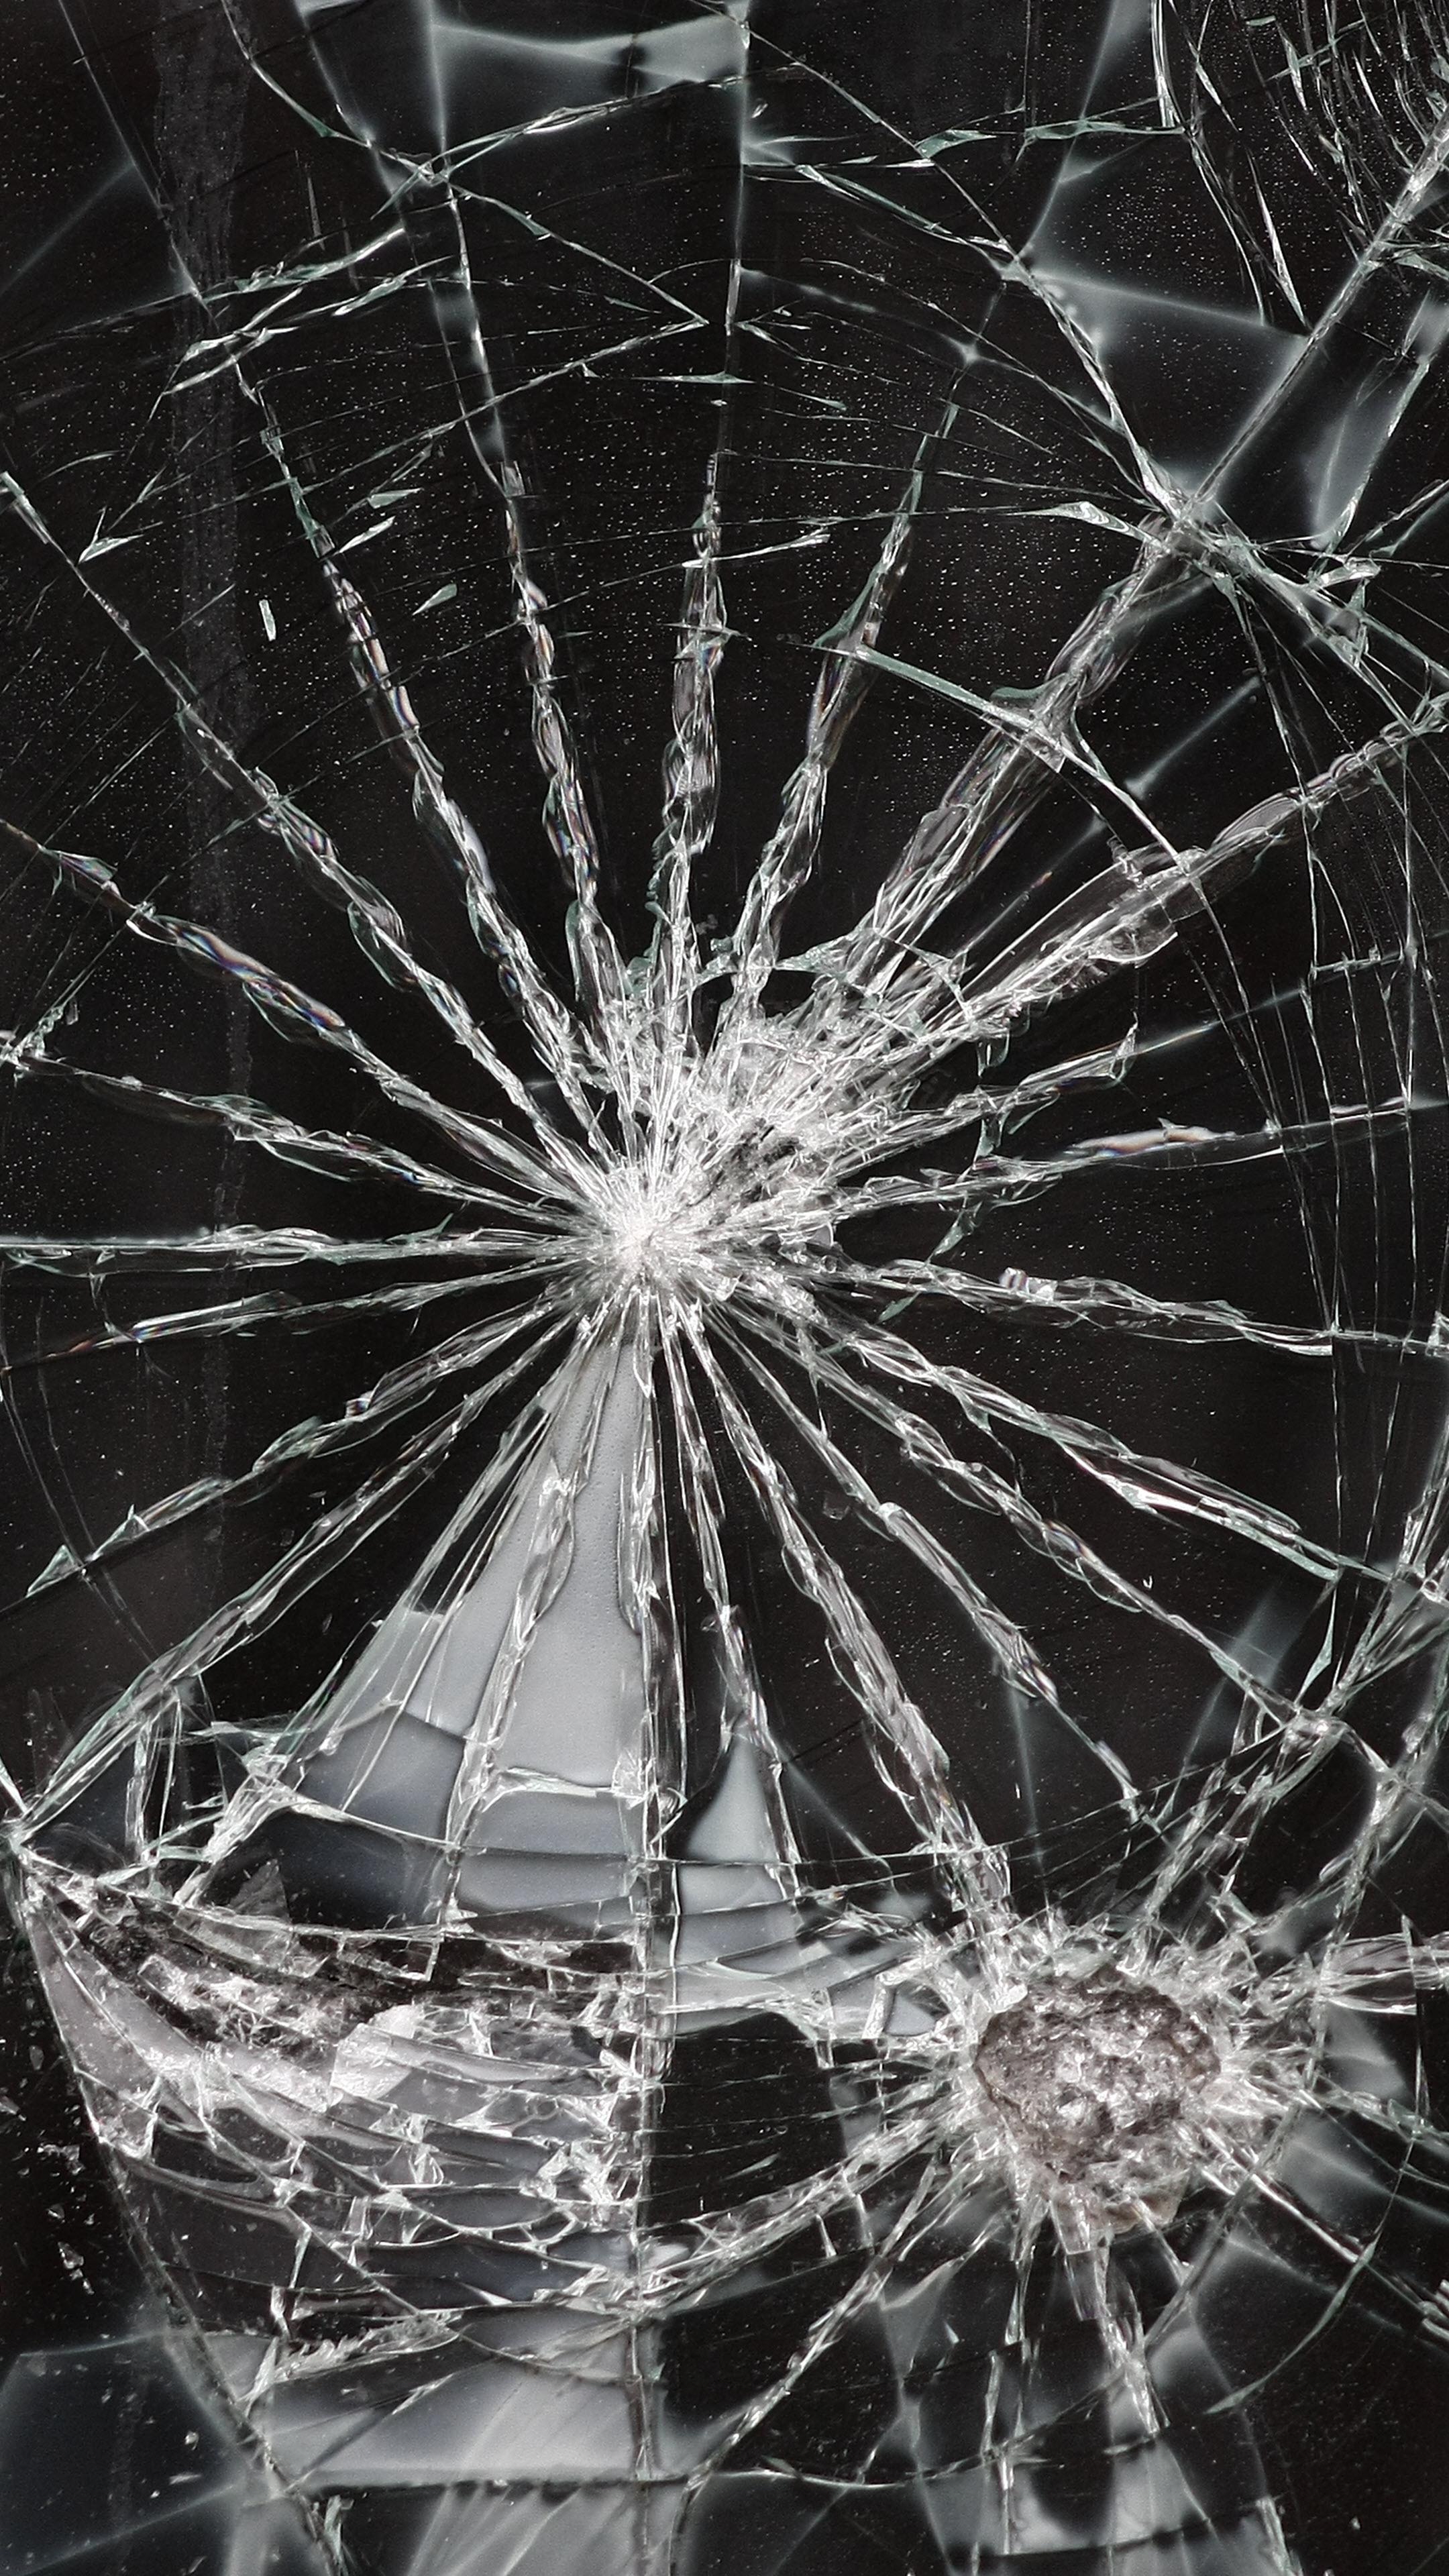 Hình nền vỡ kính điện thoại 4K